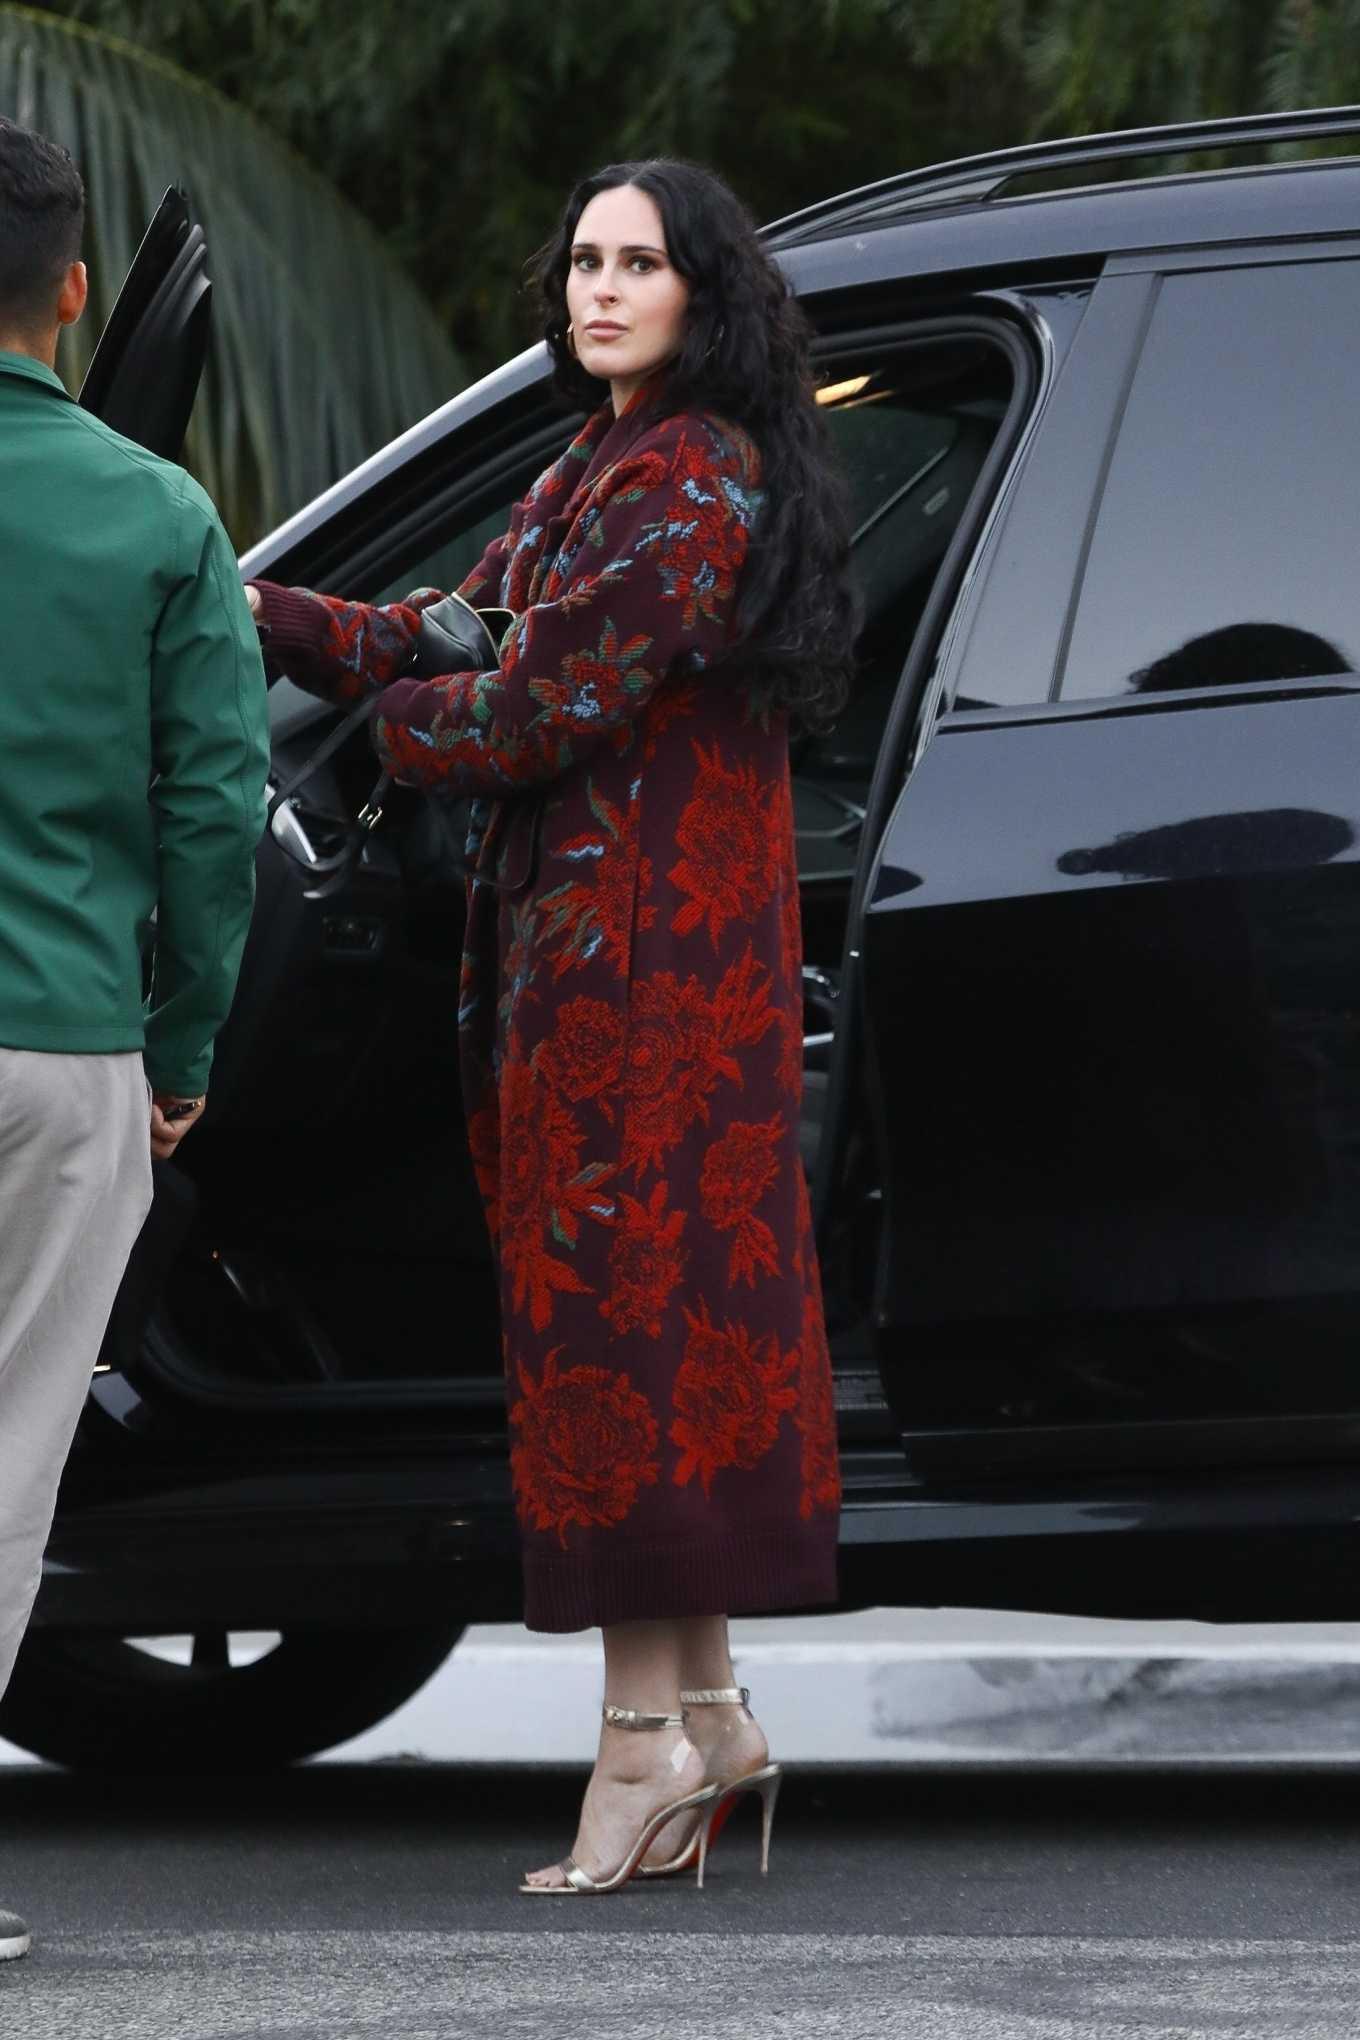 Rumer Willis looks stylish as she arrives for dinner